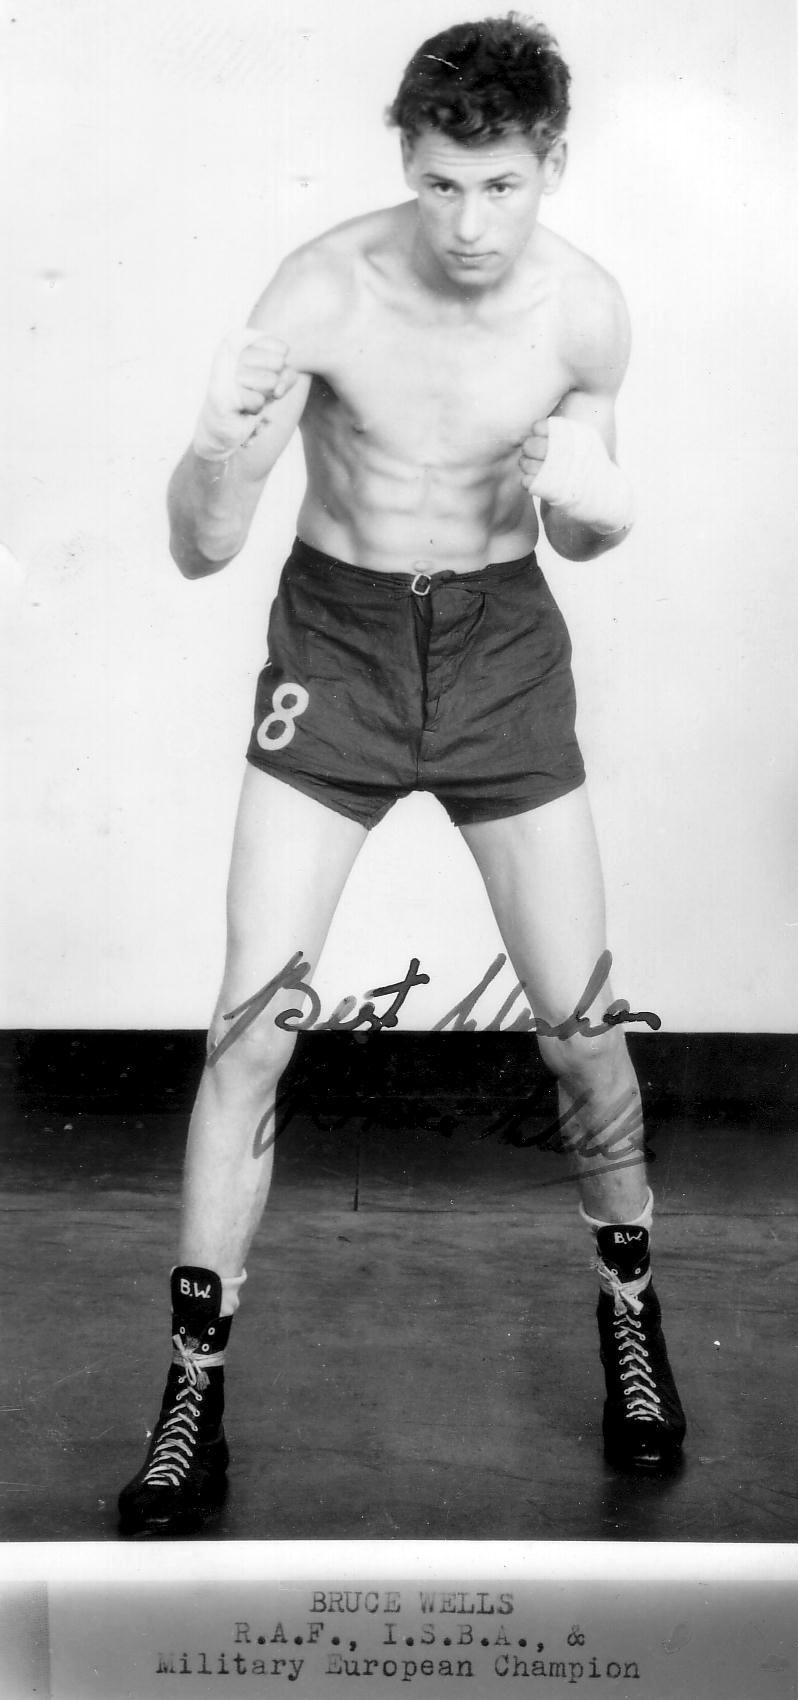 Amateur Boxer Bruce Wells 1950s